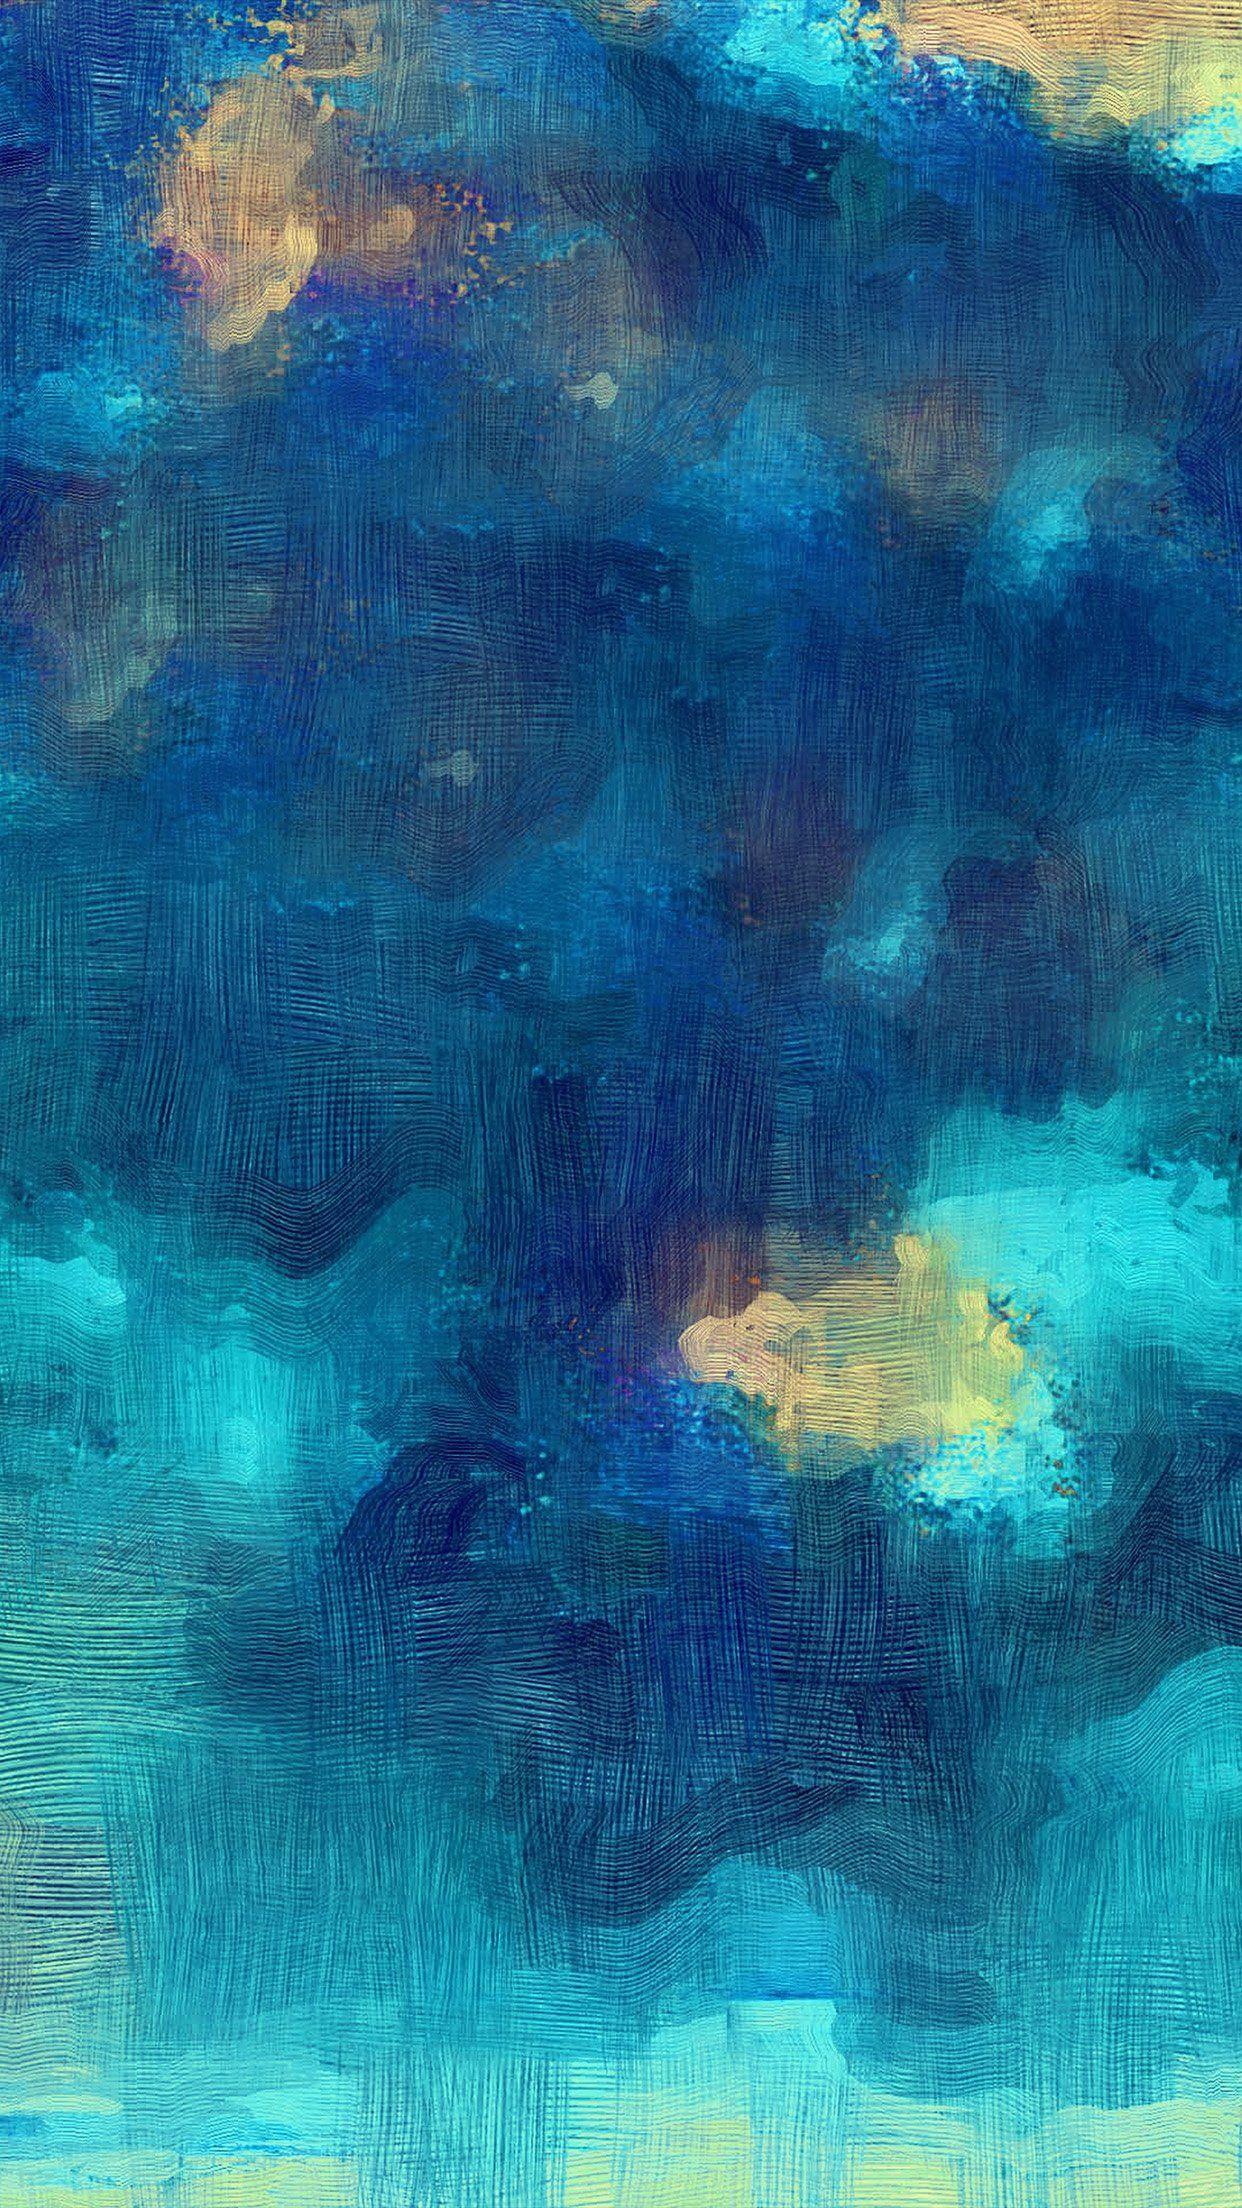 Iphone su damlas duvar ka d -  Samsung Galaxy Blue Iphone Iphonewallpapers Wallpapers Http Ecanblog